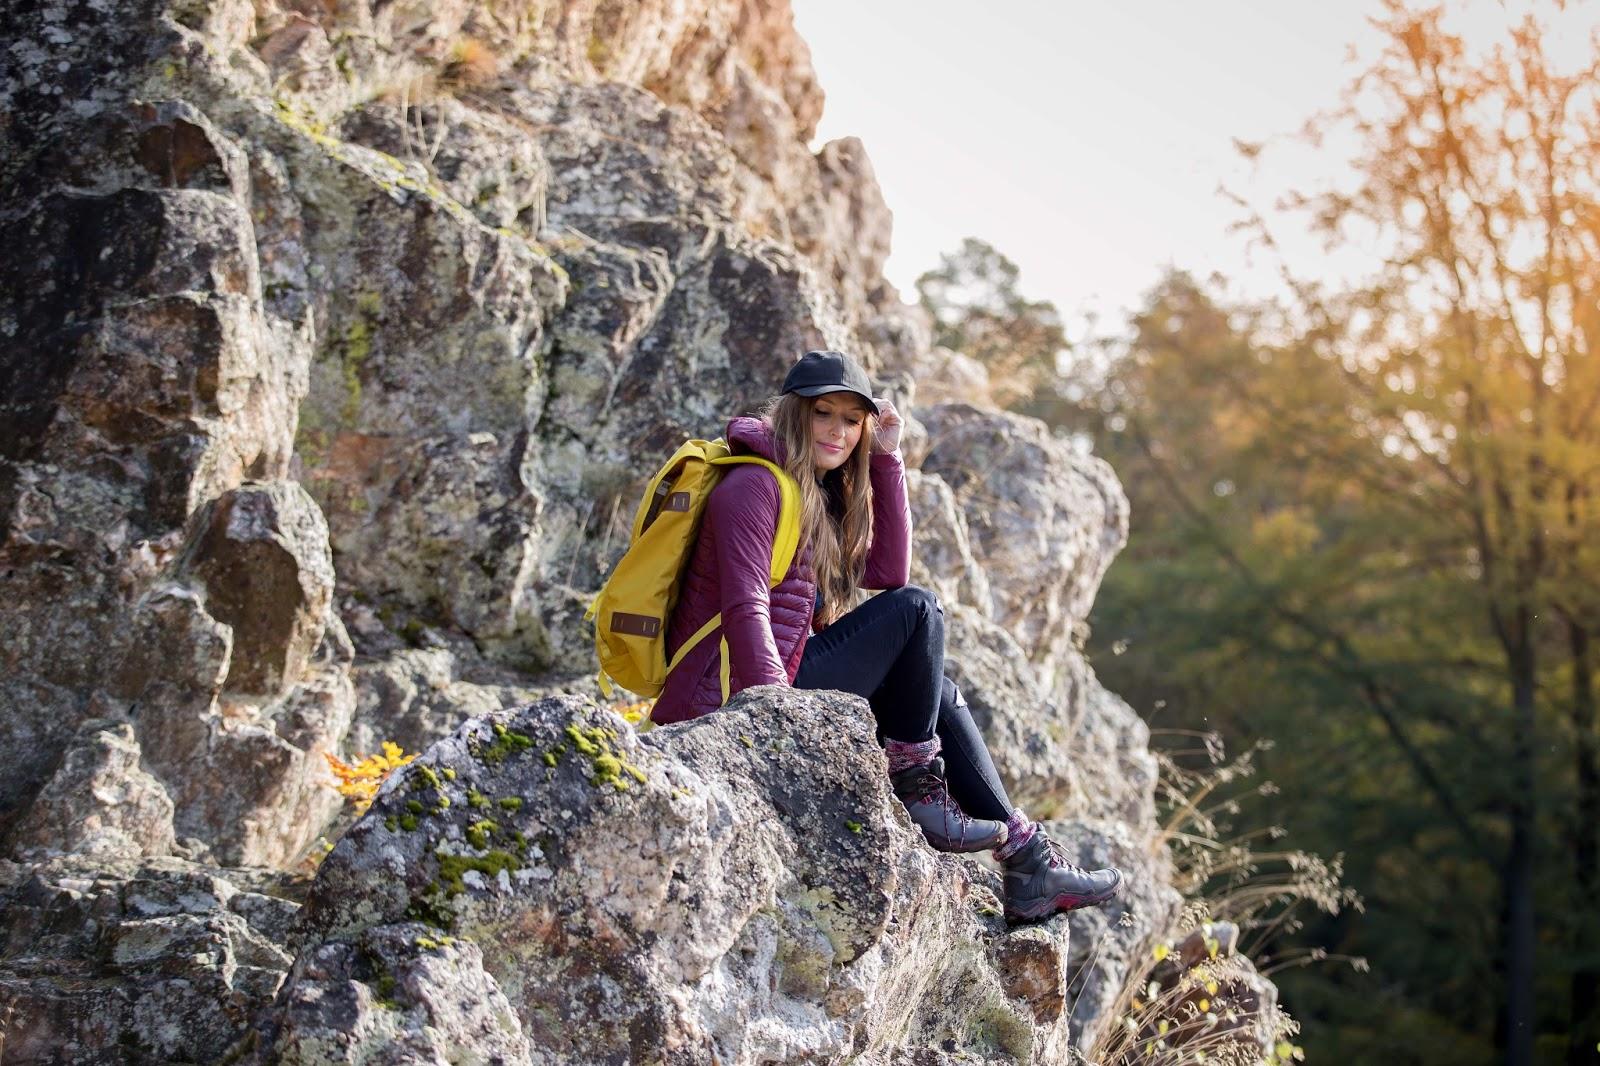 Wanderoutfit-was-zieht-man-zum-wandern-an-Keen-Schuhe-Wanderschuhe-Outfdoorblogger